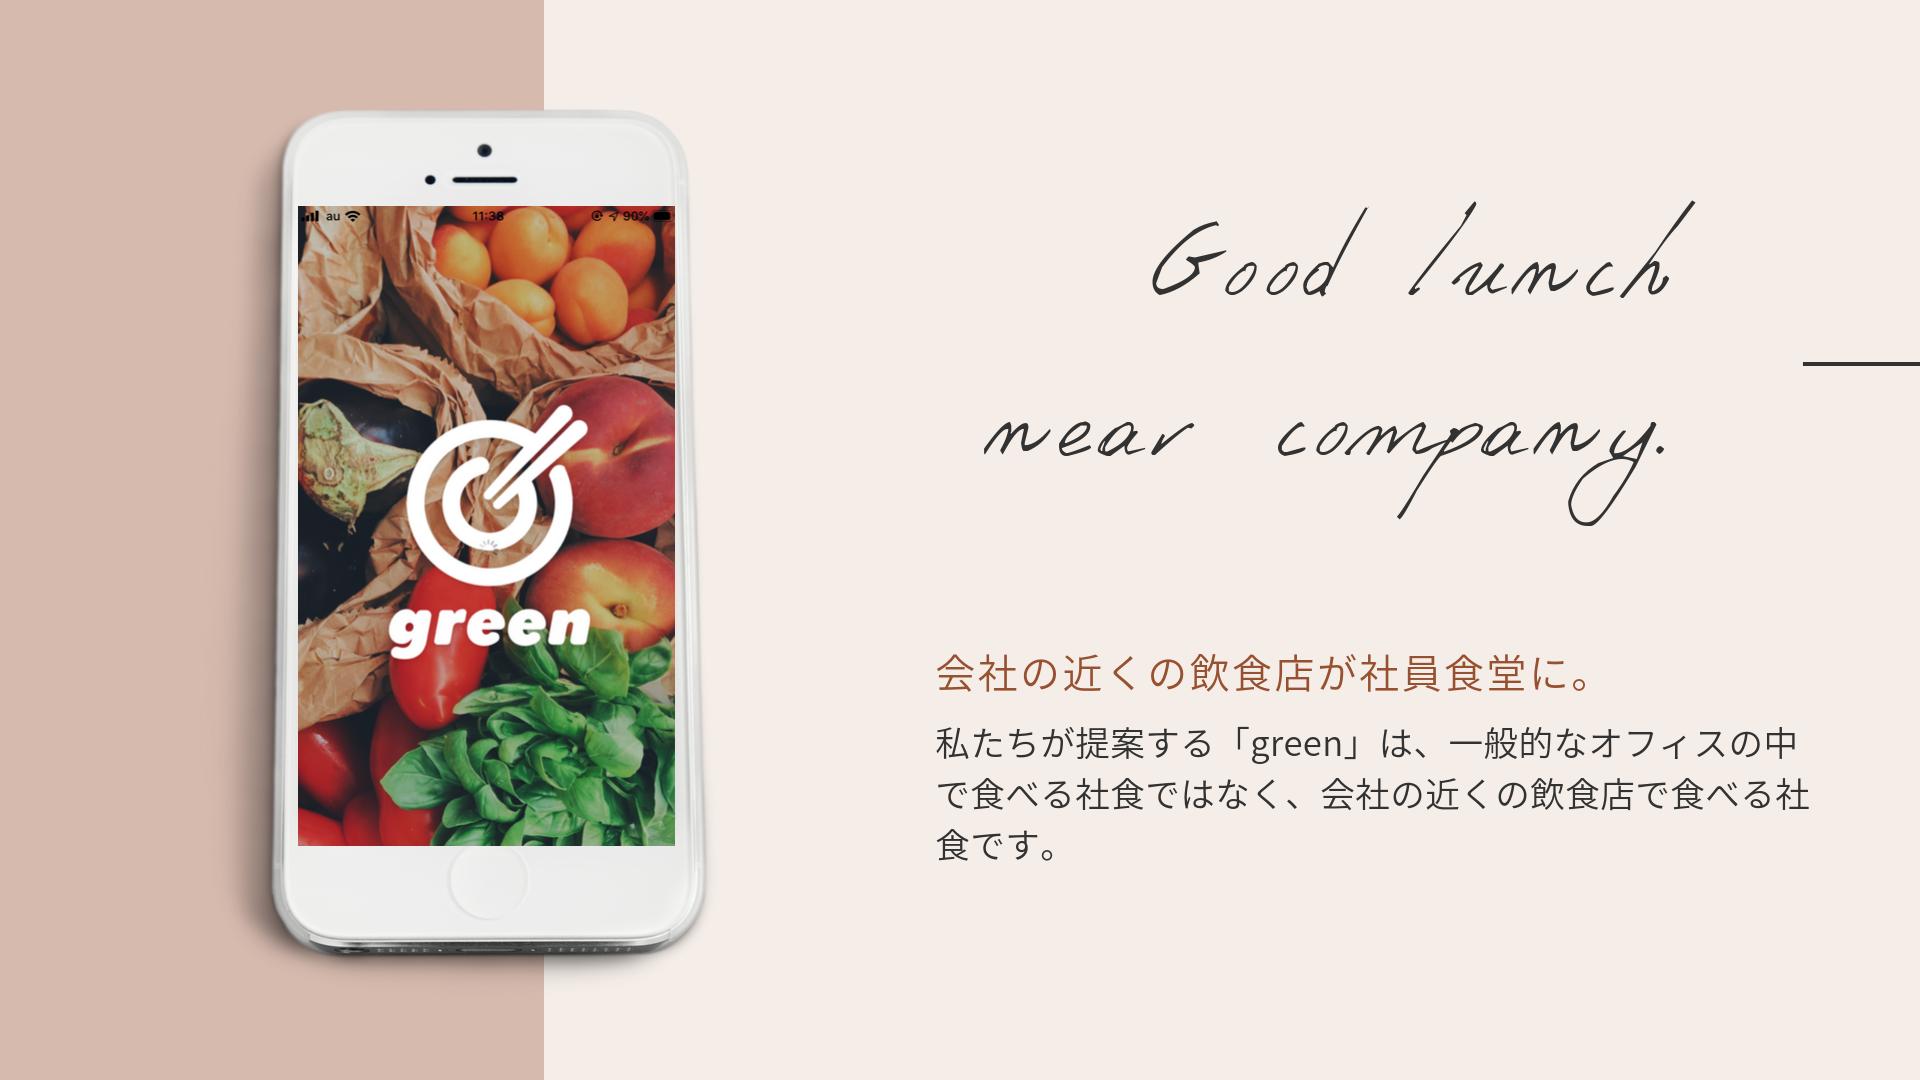 タベルテクノロジーズが提供する、社食シェアリングサービス『green』についてご紹介!